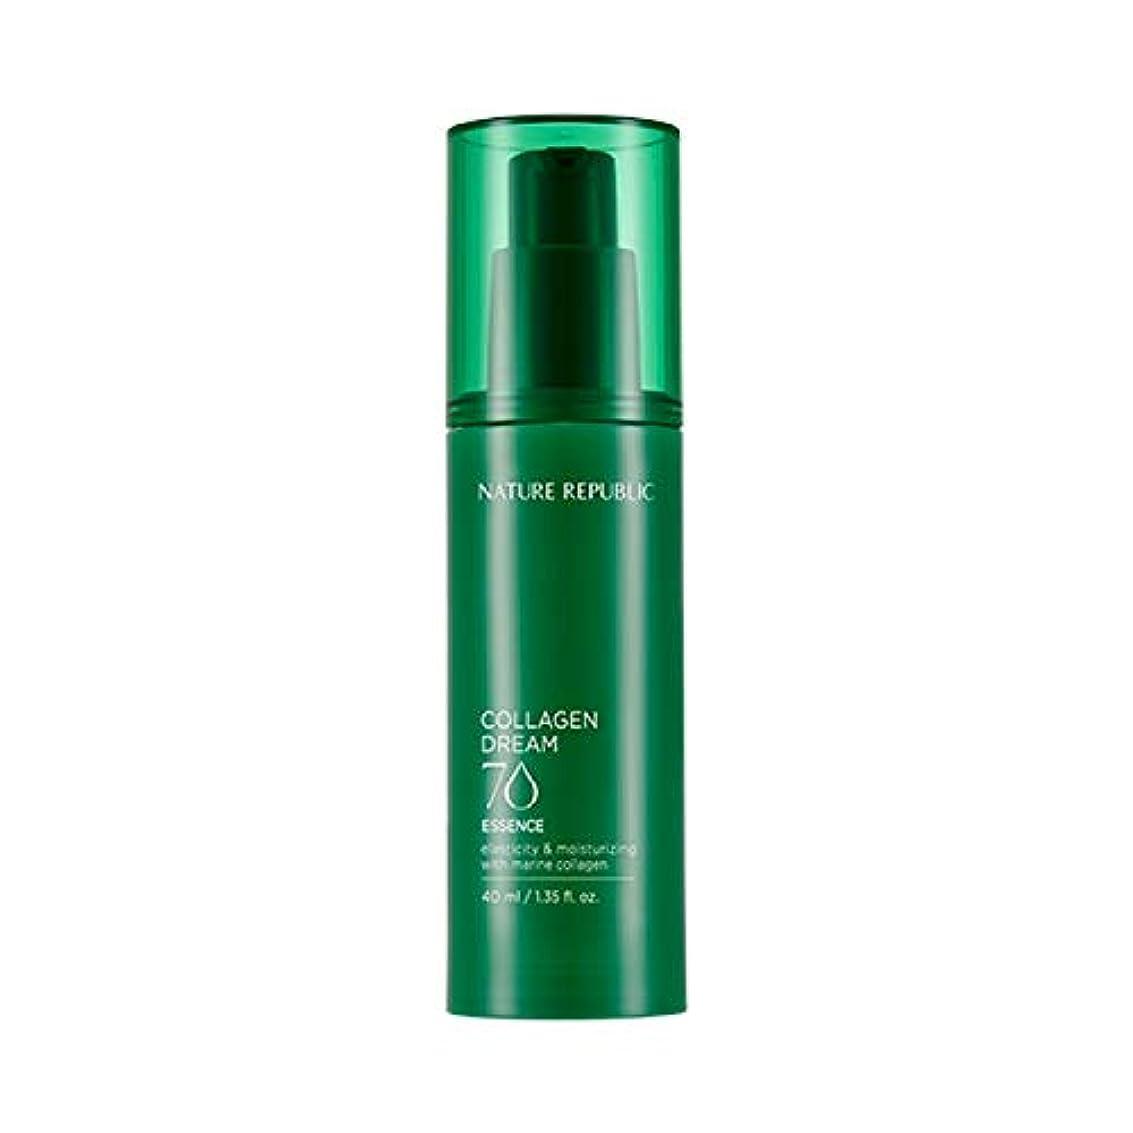 ネイチャーリパブリック(Nature Republic)コラーゲンドリーム70エッセンス 40ml / Collagen Dream 70 Essence 40ml :: 韓国コスメ [並行輸入品]